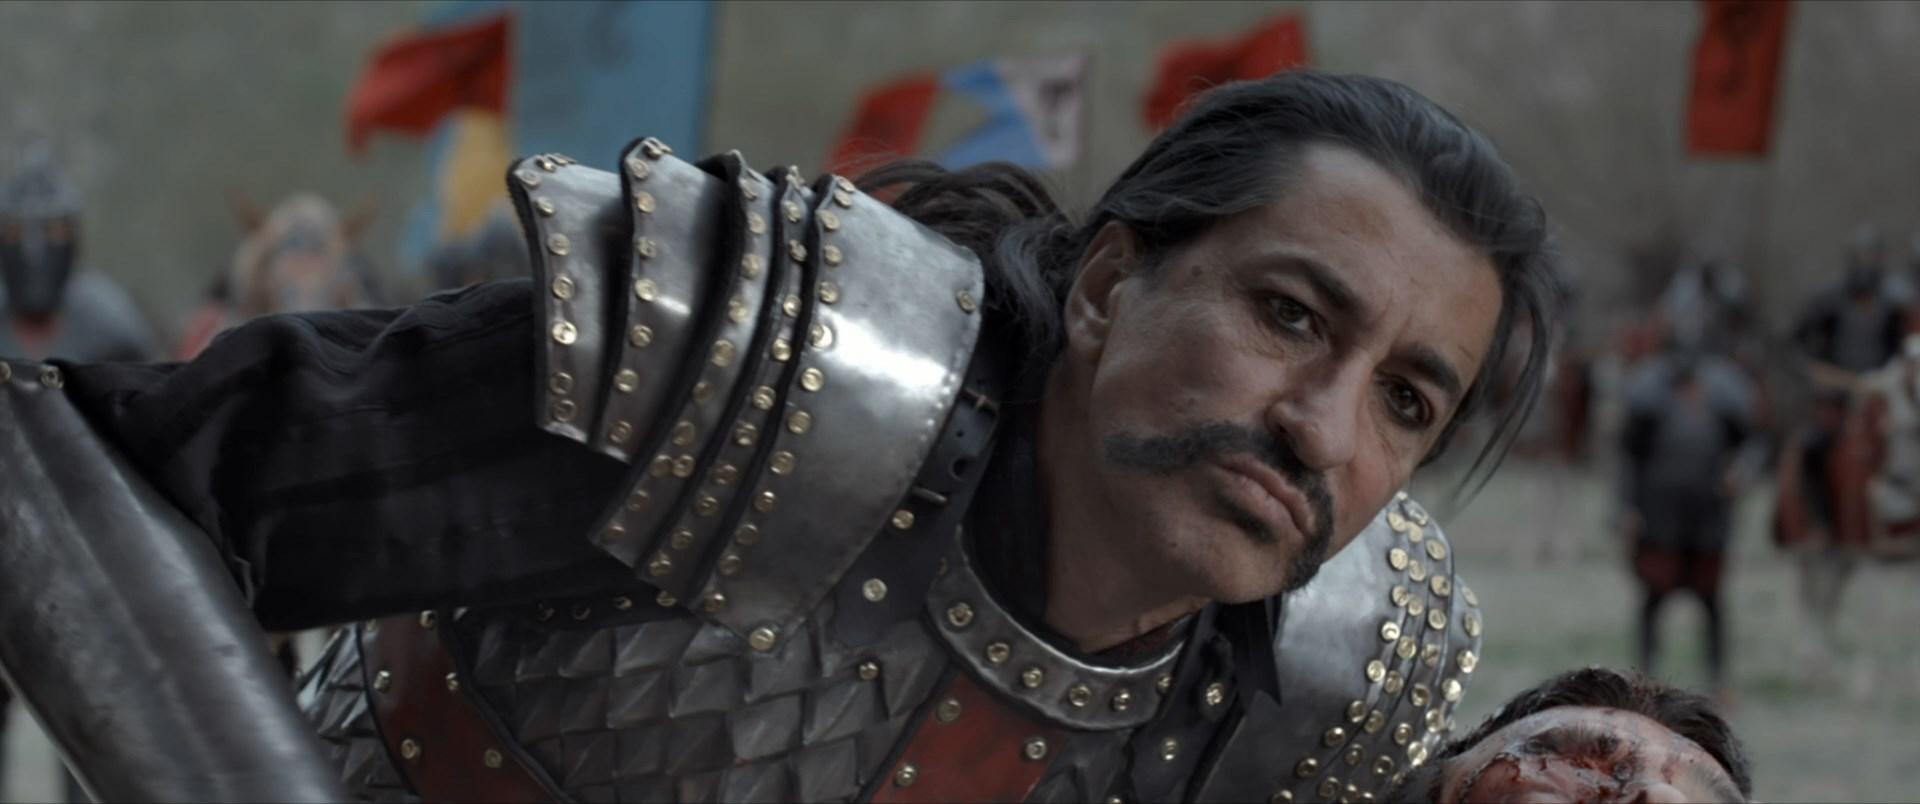 Deliler: Fatih'in Fermanı | 2018 | Yerli Film | BDRip | XviD | Sansürsüz | 1080p - m720p - m1080p | BluRay | Tek Link